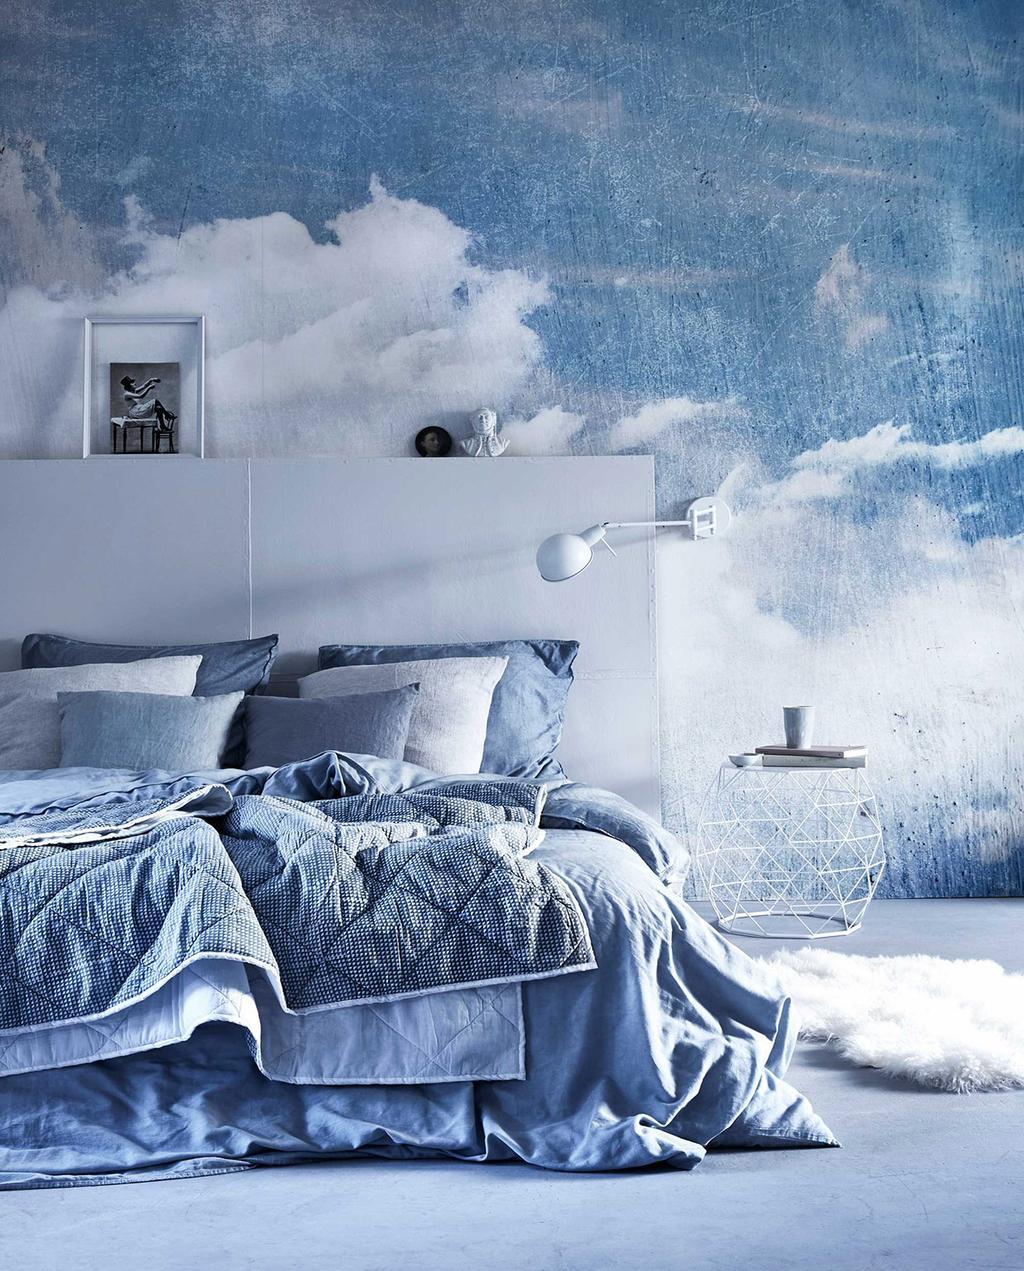 vtwonen 05-2016 | blauwe slaapkamer met wolkenbehang